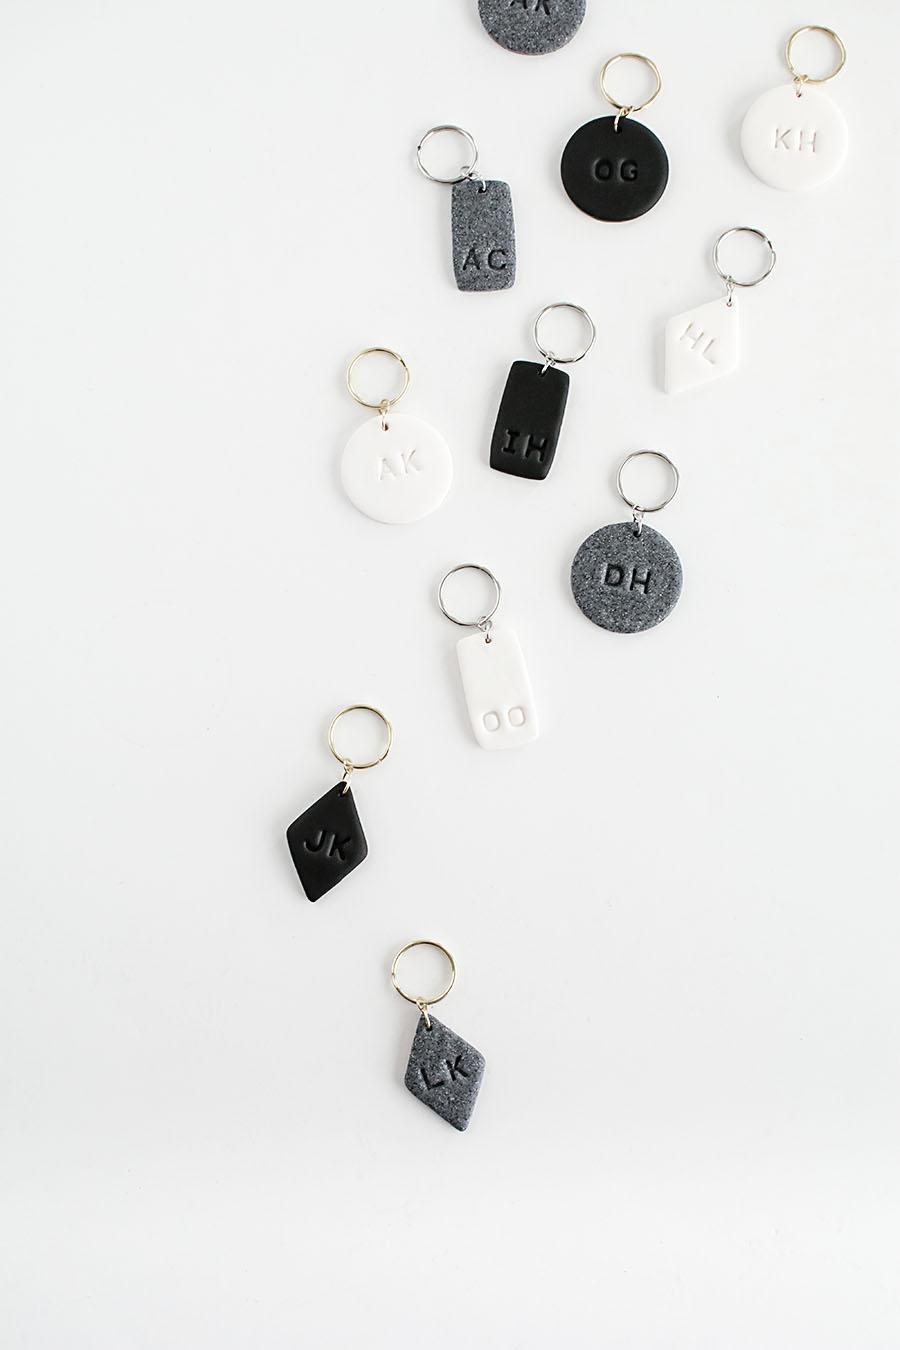 DIY-Monogram-Clay-Keychains6